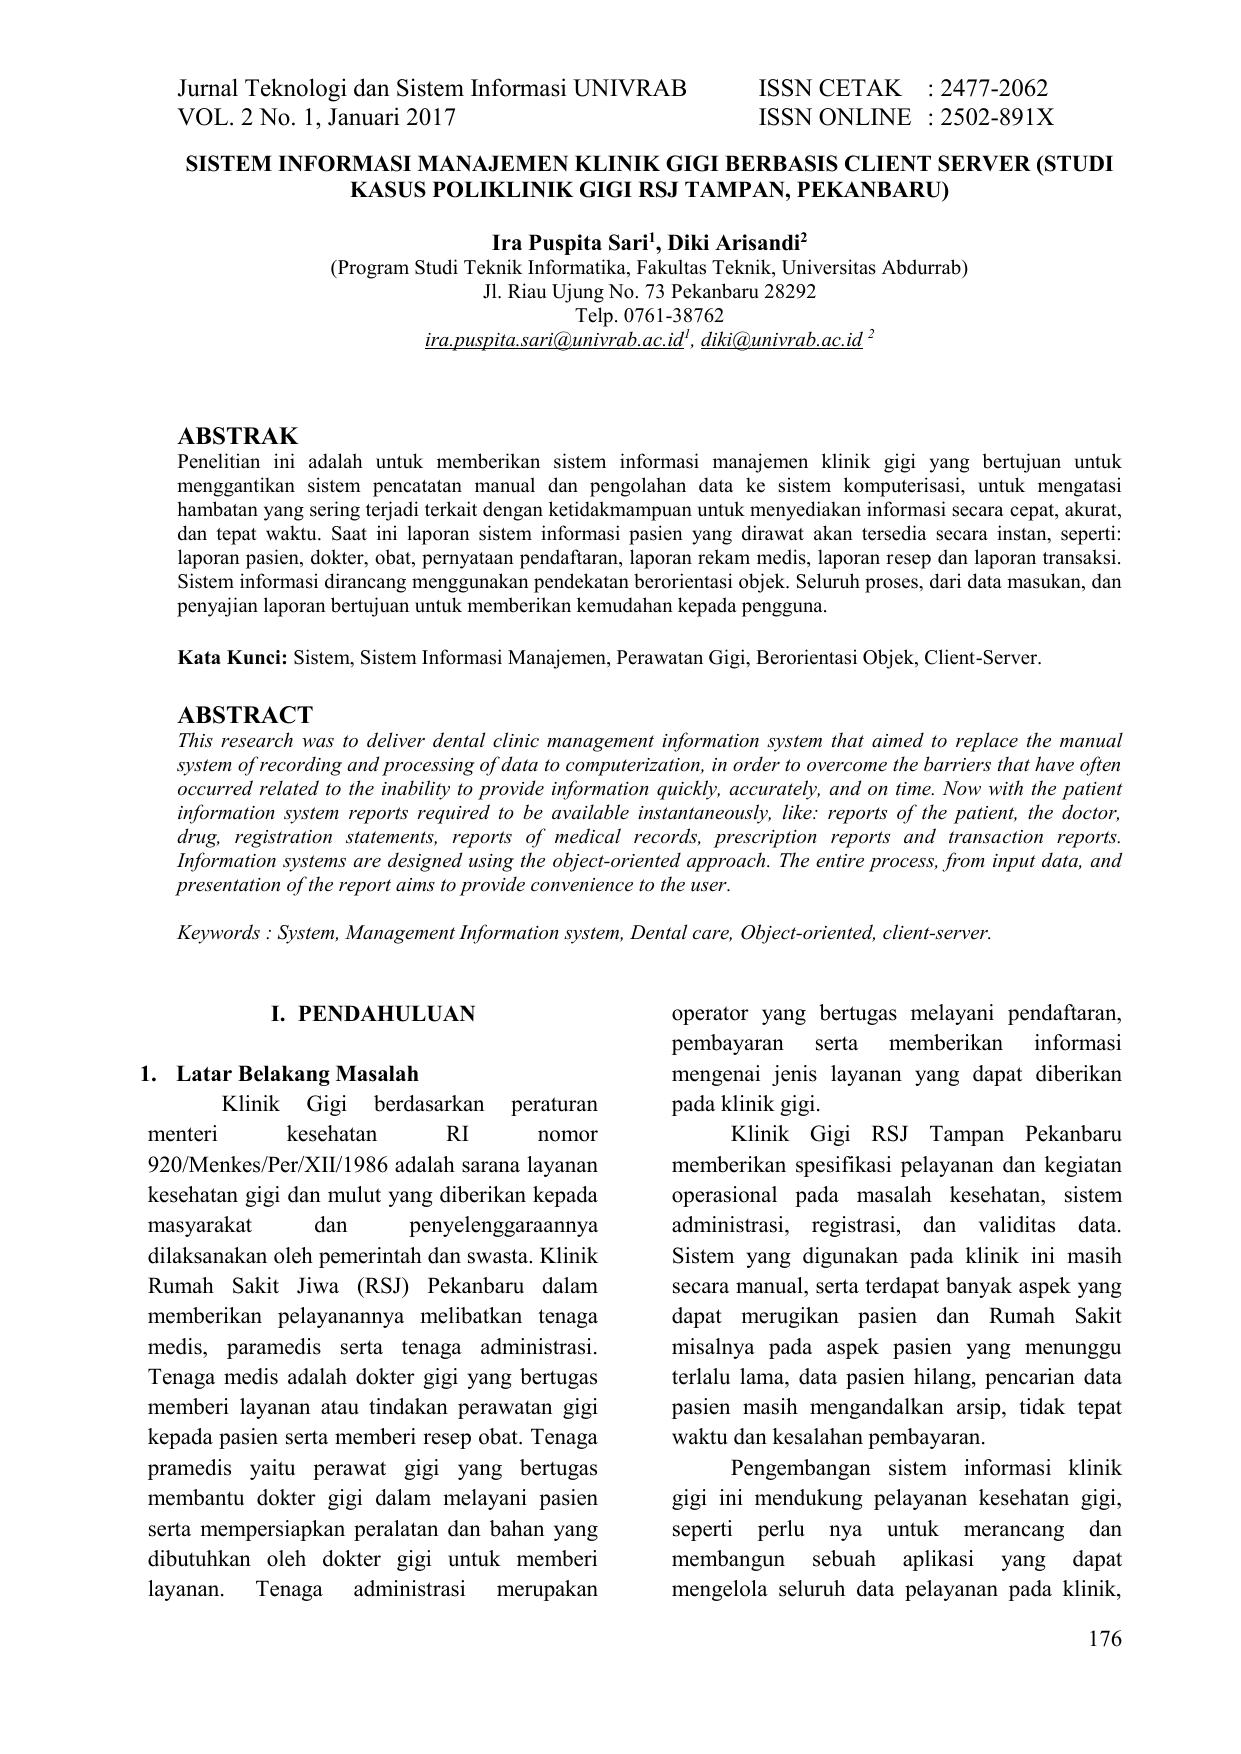 Jurnal Teknologi Dan Sistem Informasi Univrab Issn Cetak